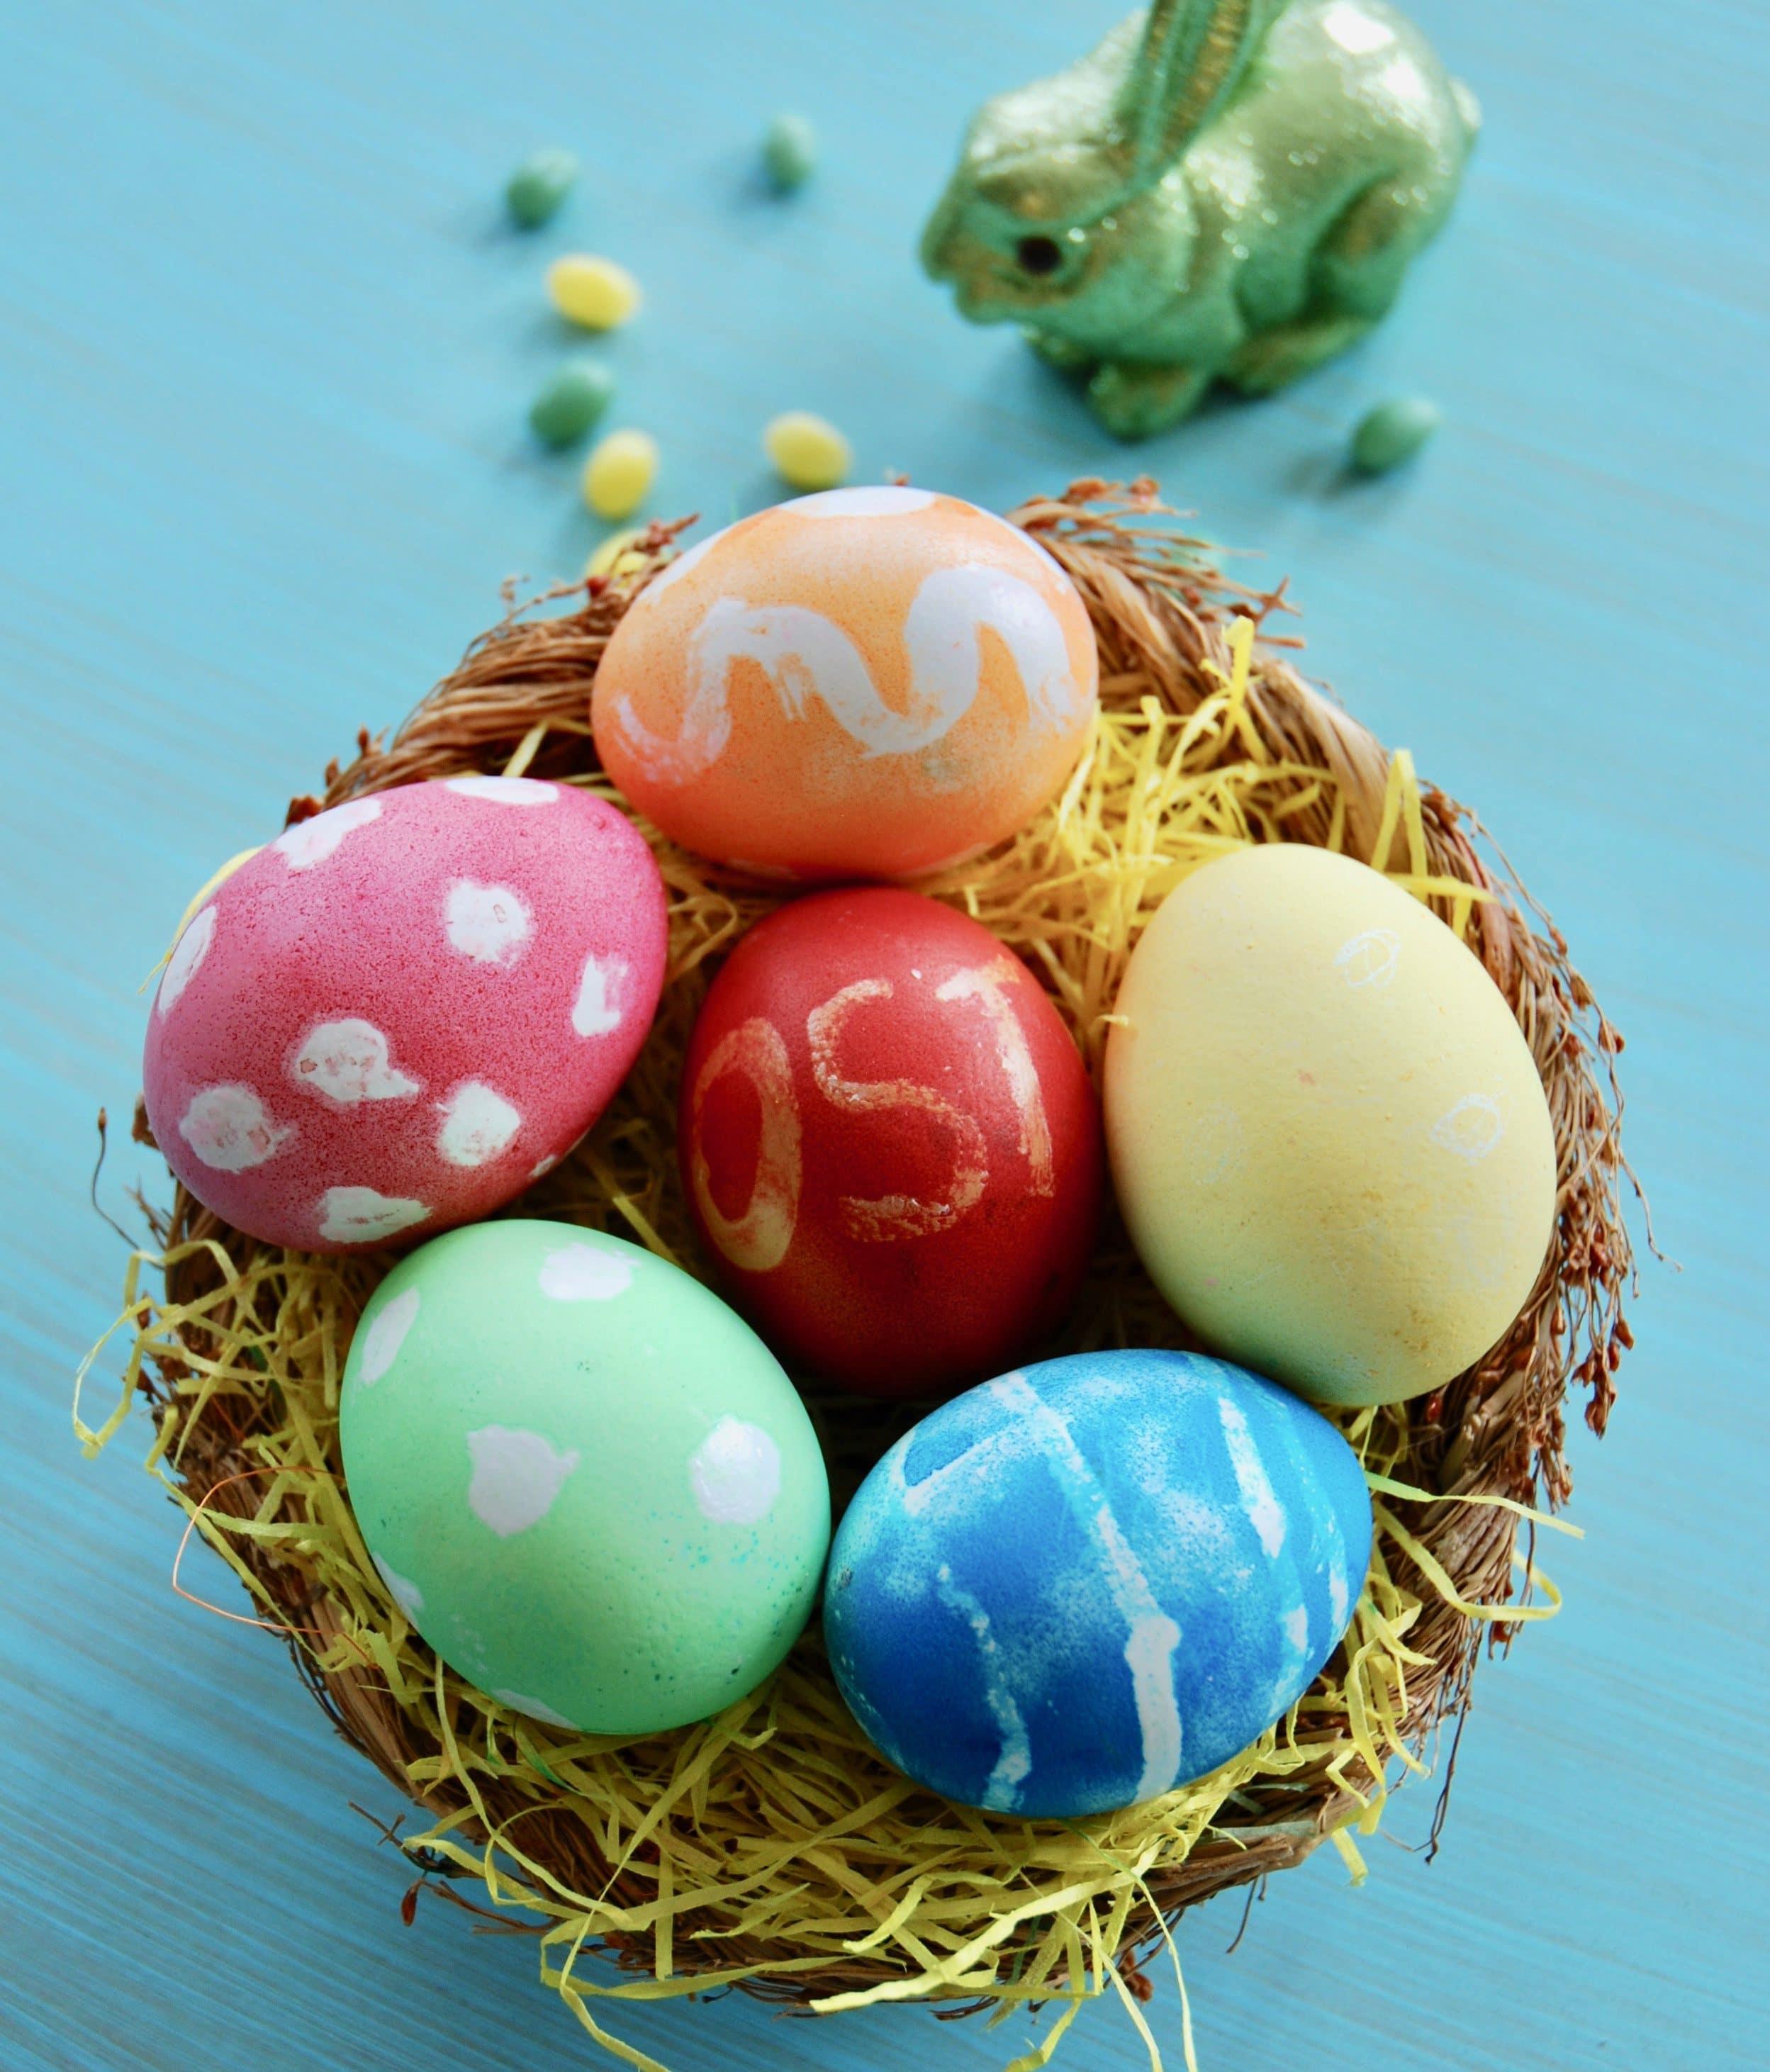 Ostereier mit Kindern färben - mit Kerzenwachs für eine Überraschung sorgen